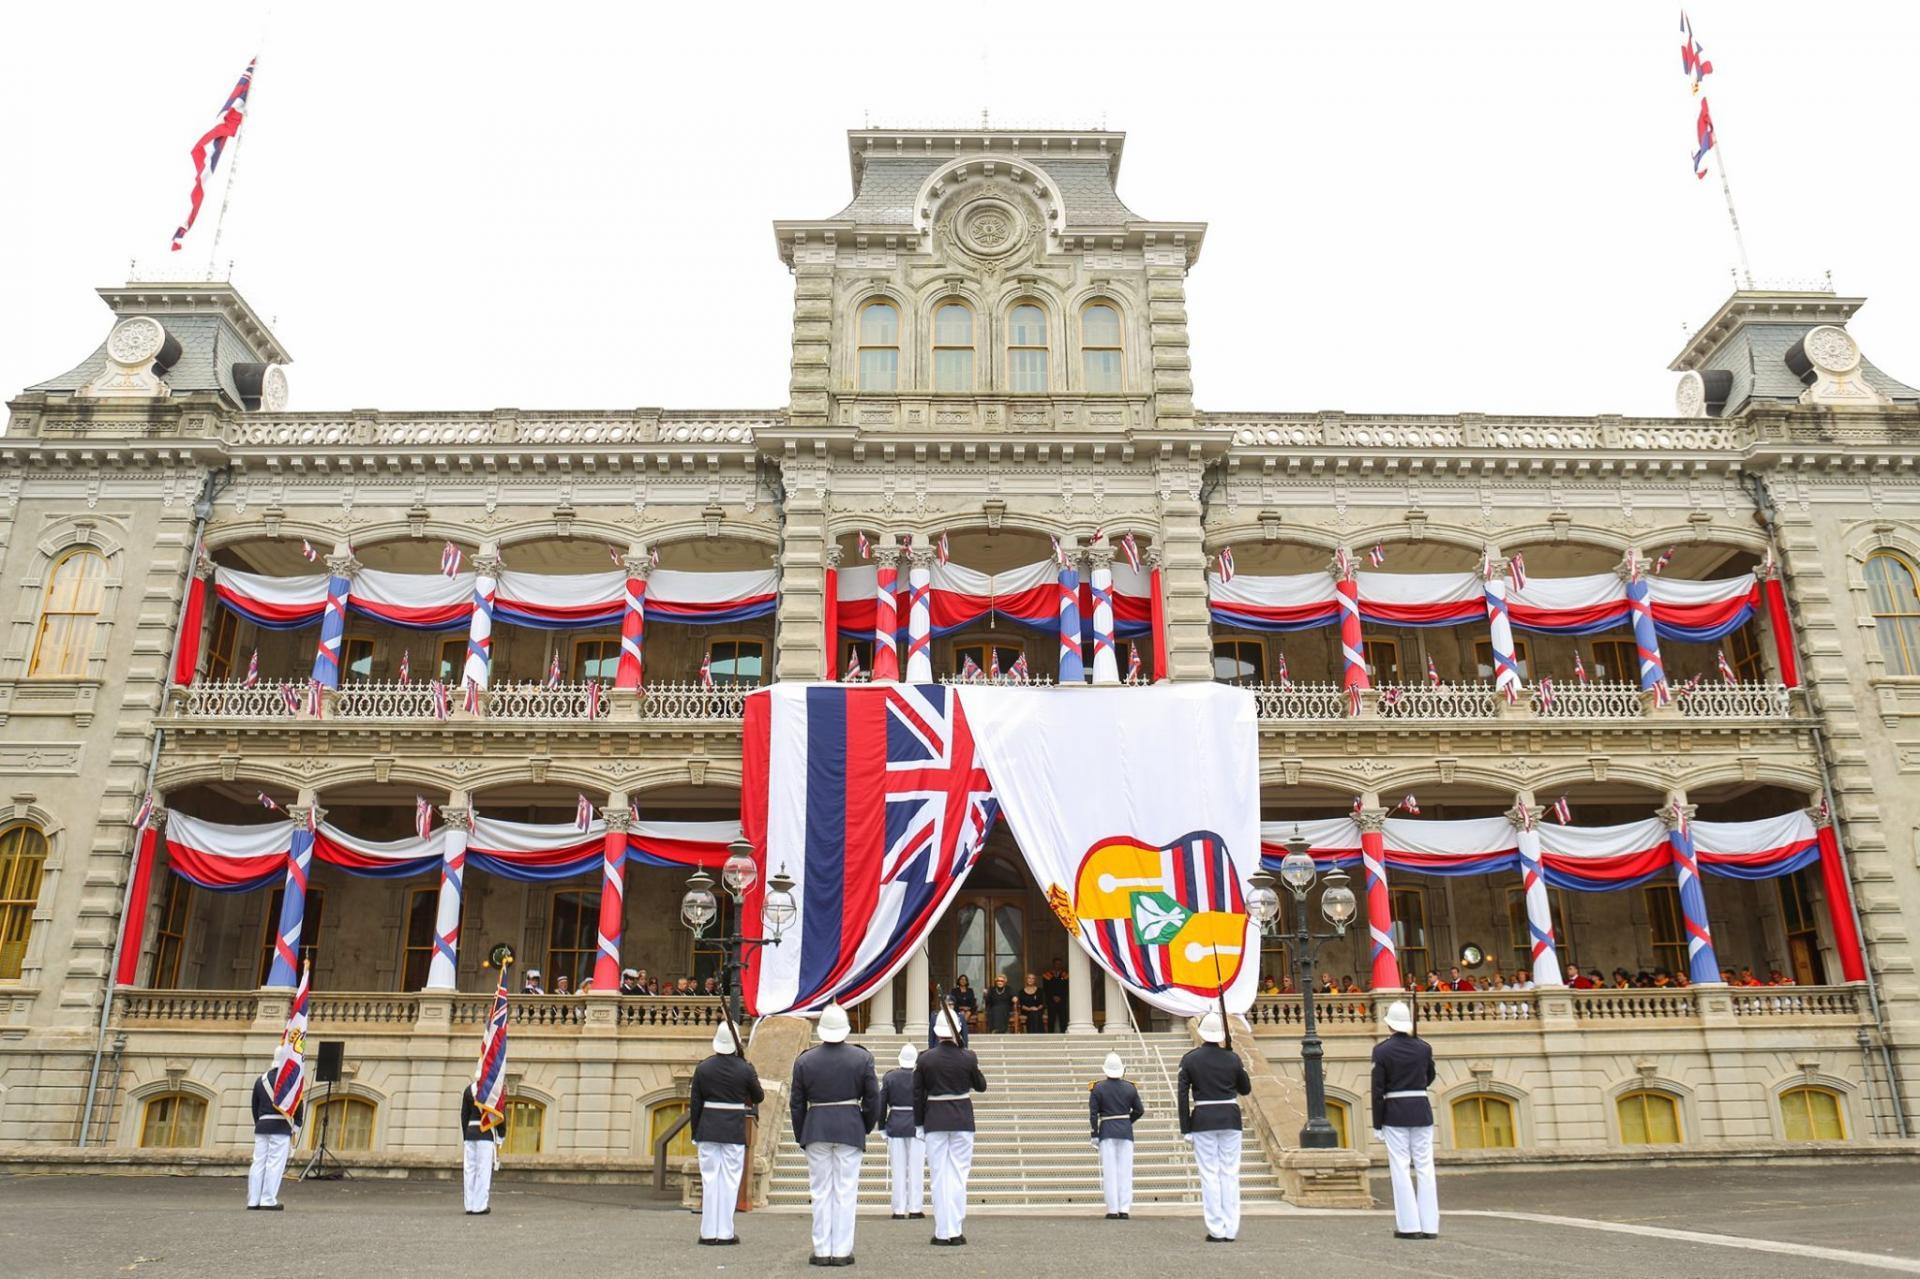 Défilé de la garde royale au Palais de Iolani